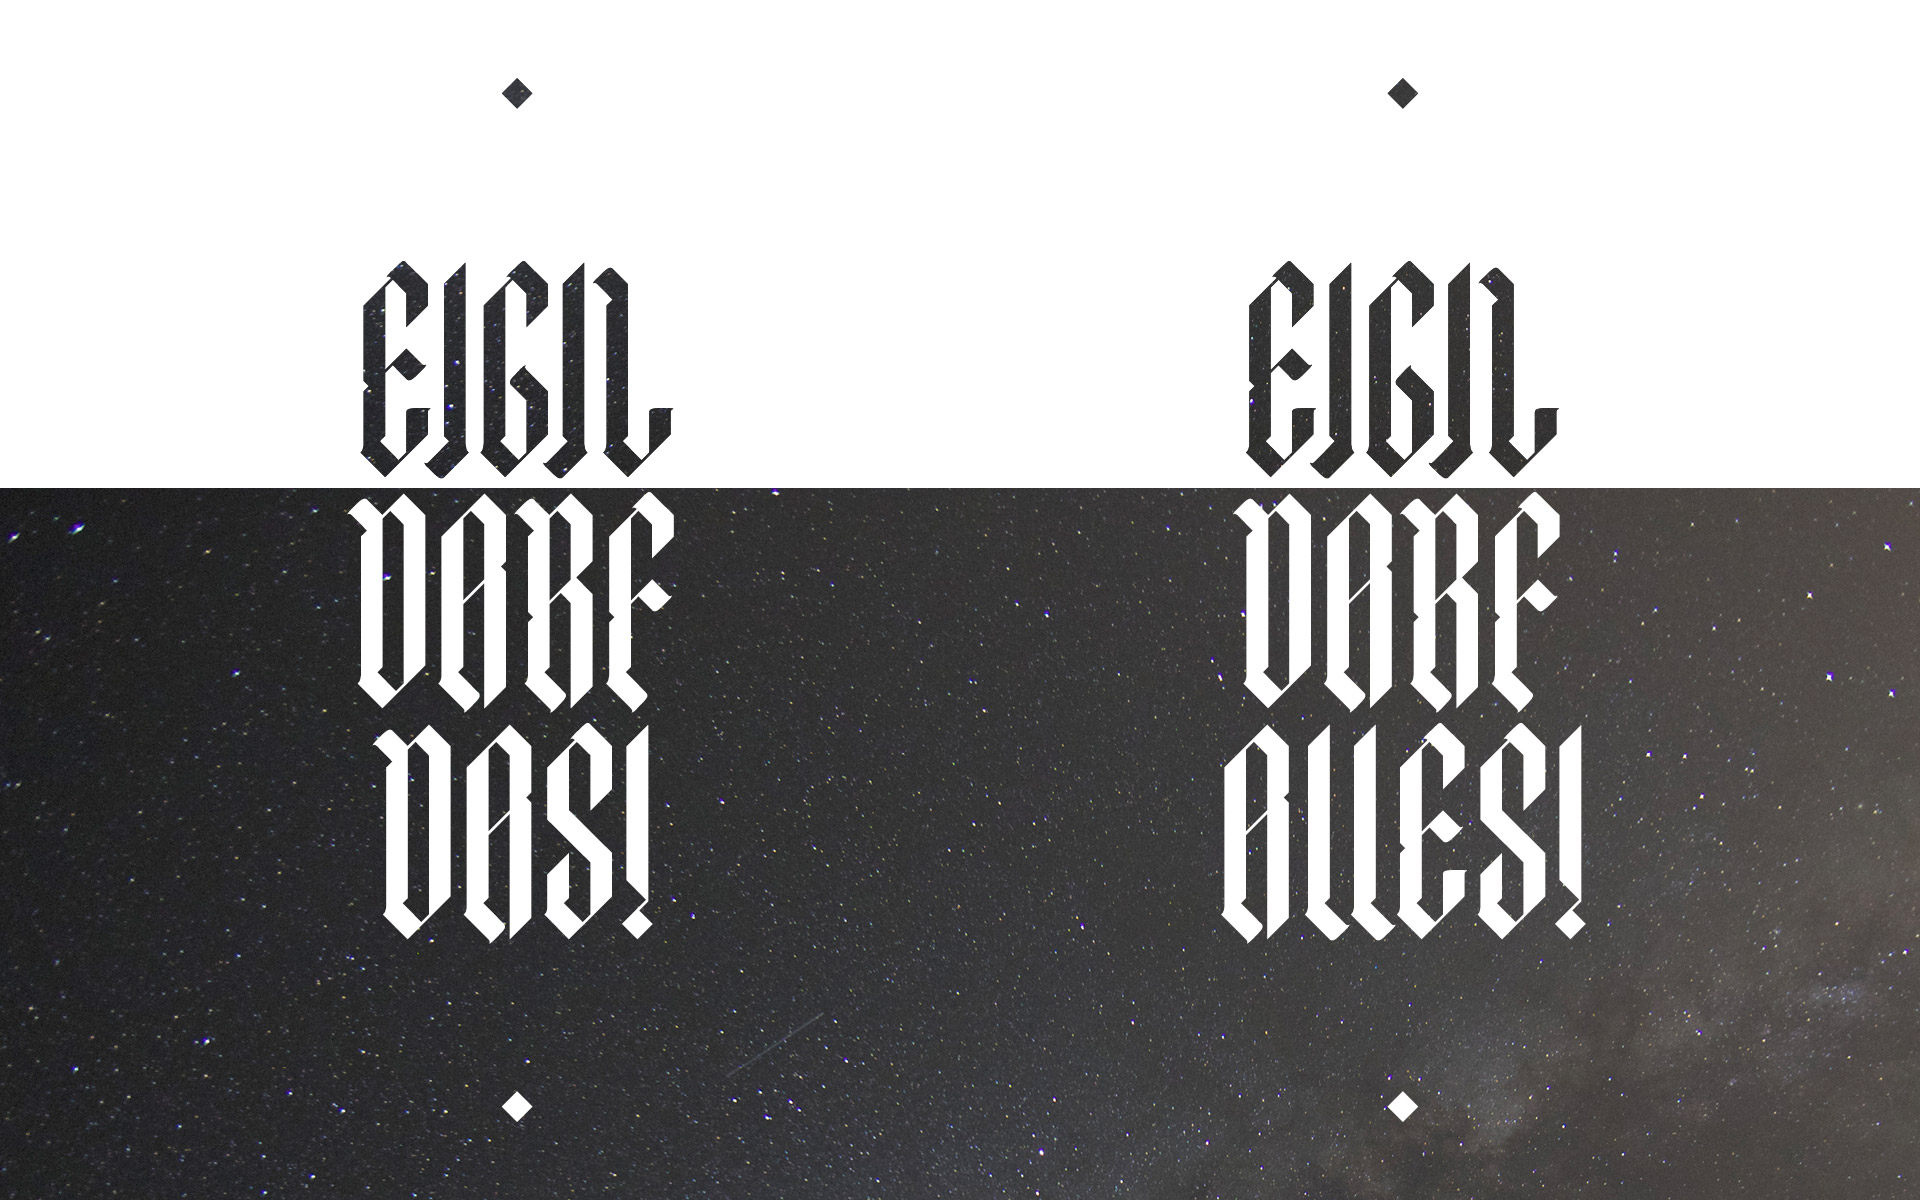 Eigil_0415_005